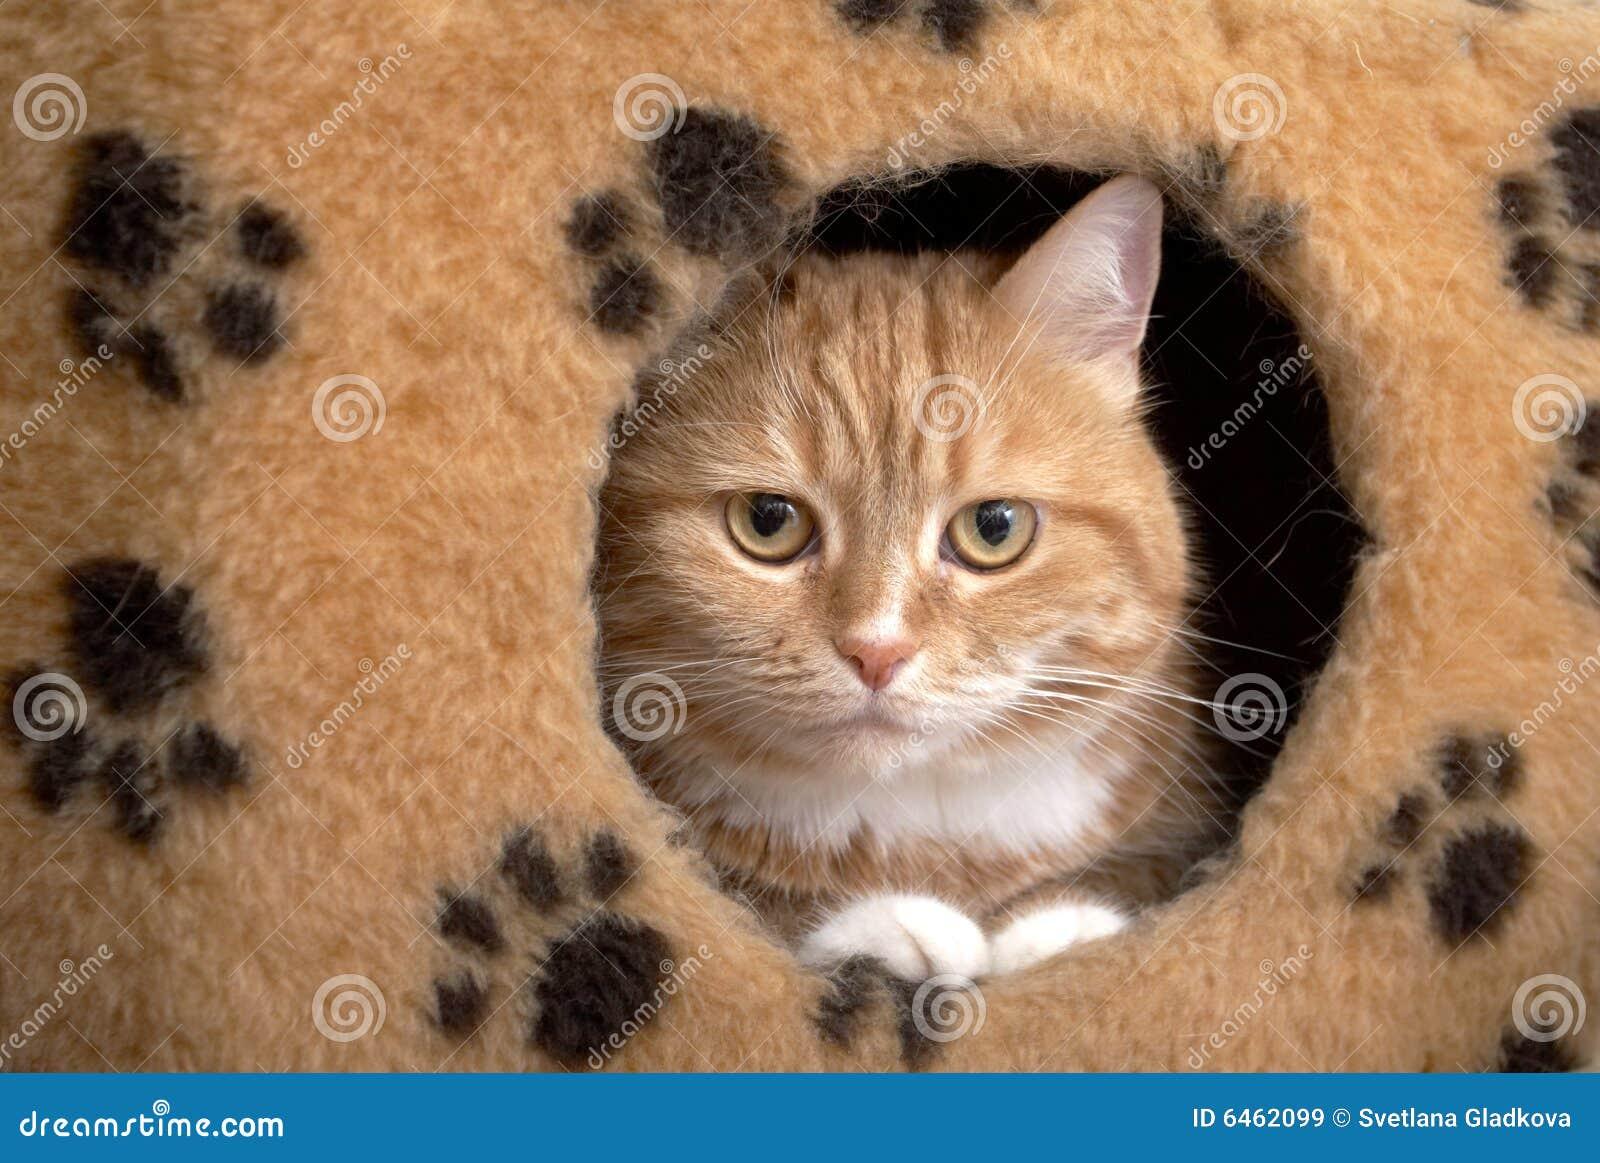 De rode kat zit in een plattelandshuisje